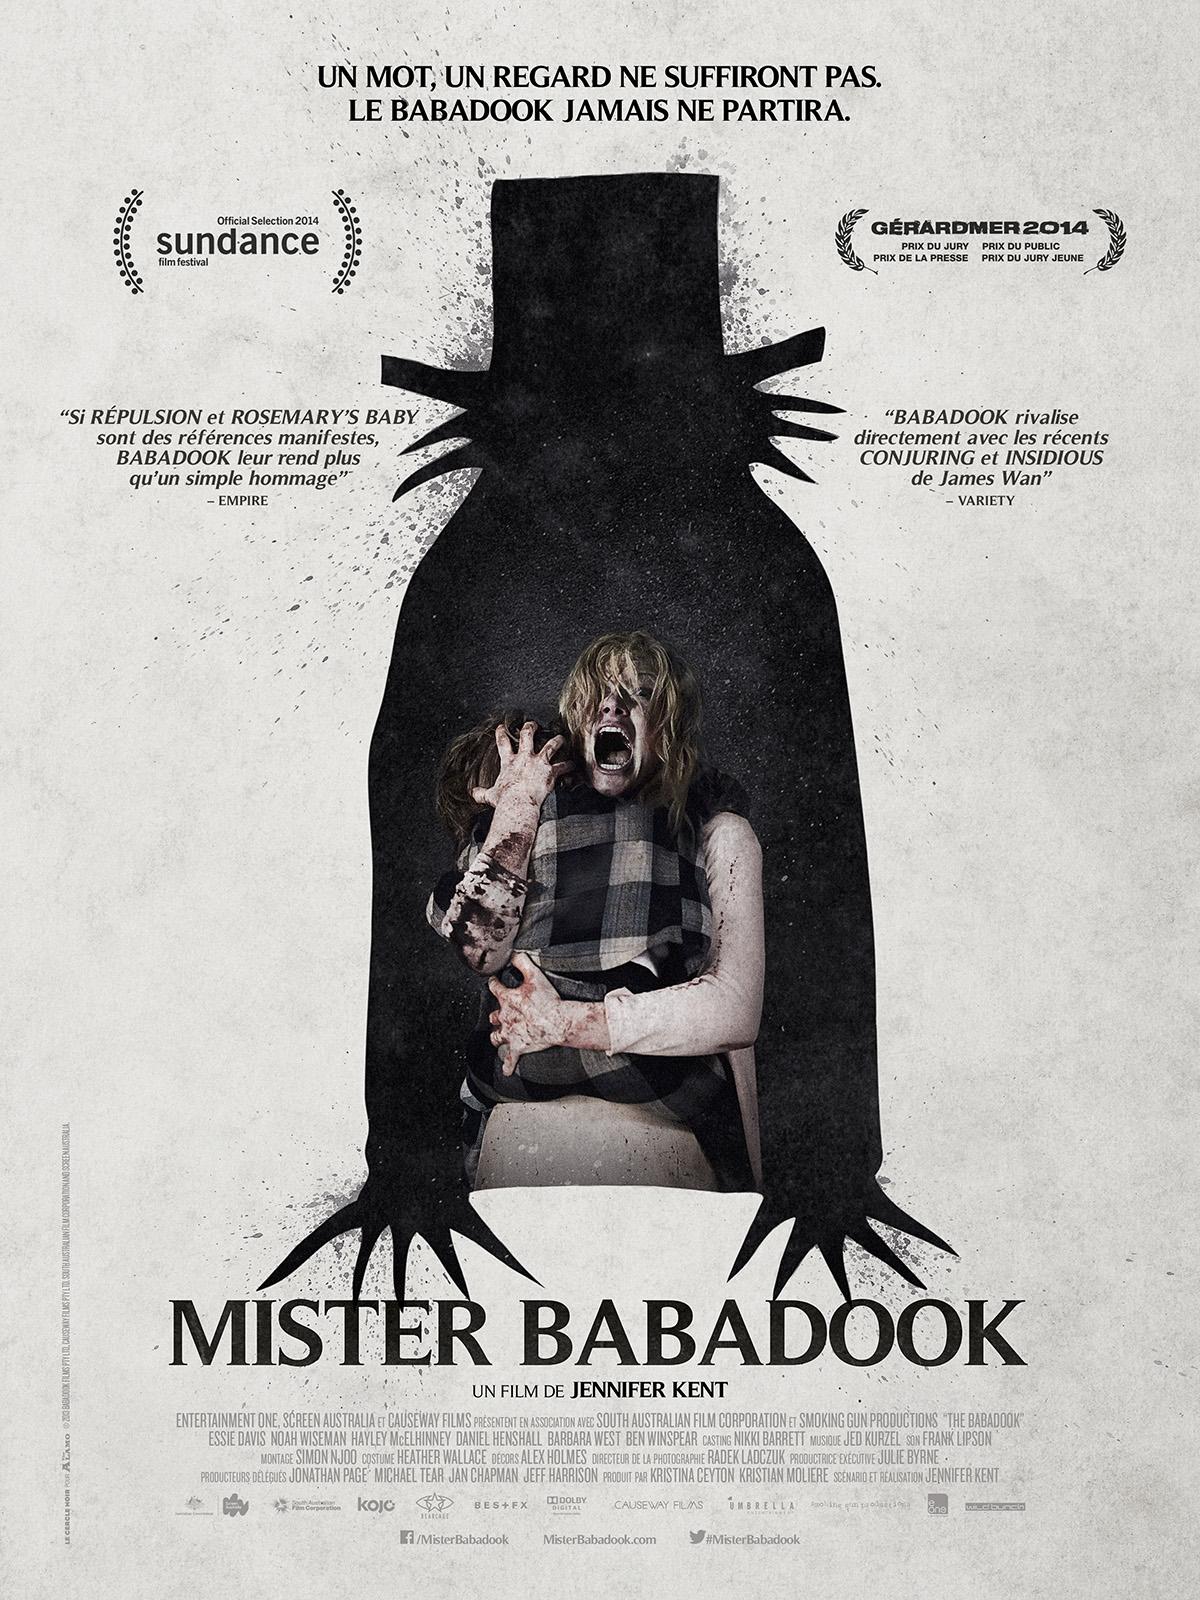 Mister Babadook de Jennifer Kent